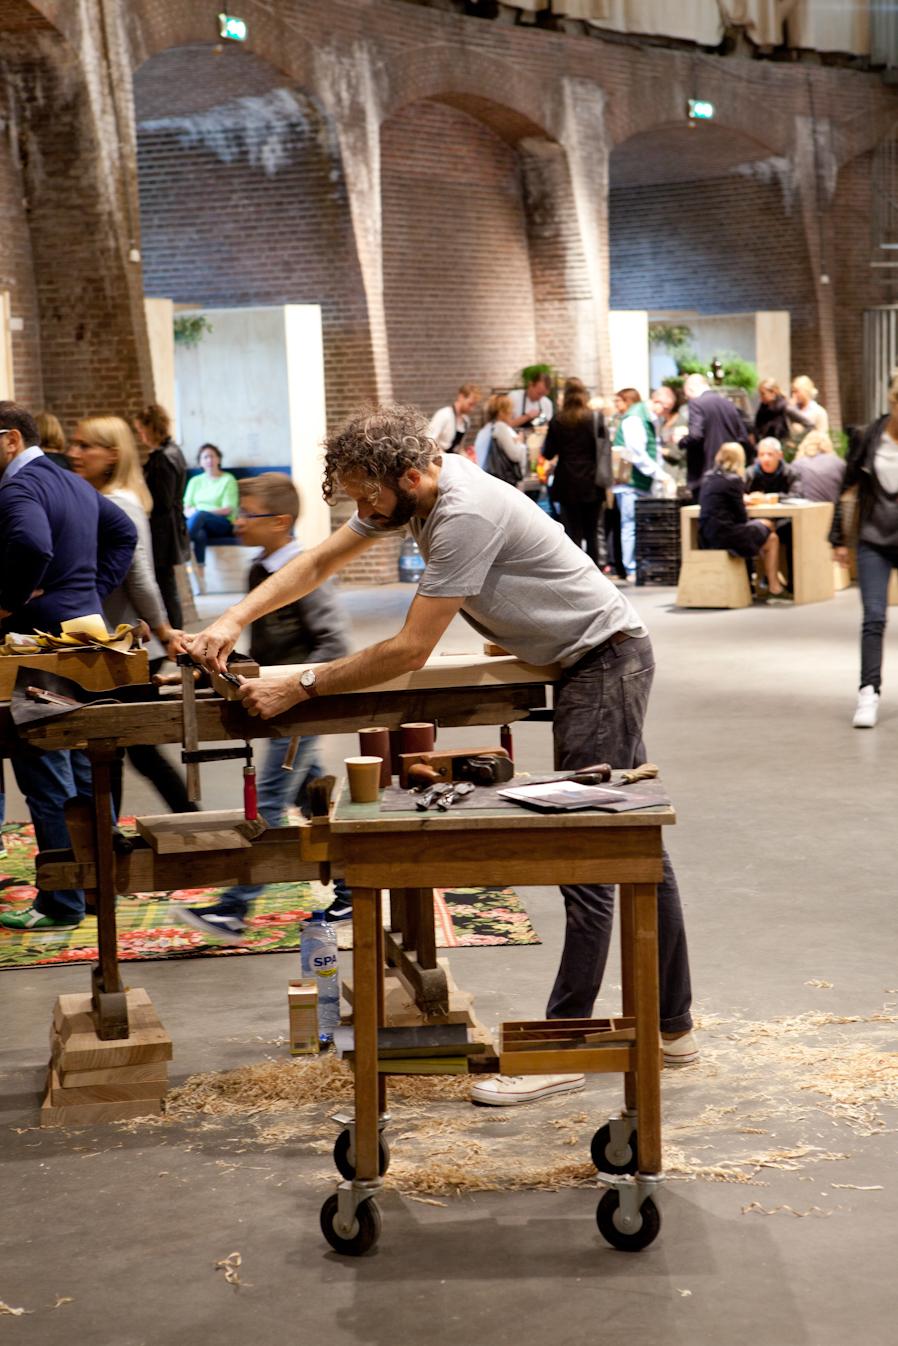 Morten Høeg-Larsen van Sløjd nam zijn werkplaats mee naar showUP en ging schaven en schuren én vertellen over zijn bijzondere snijplanken.